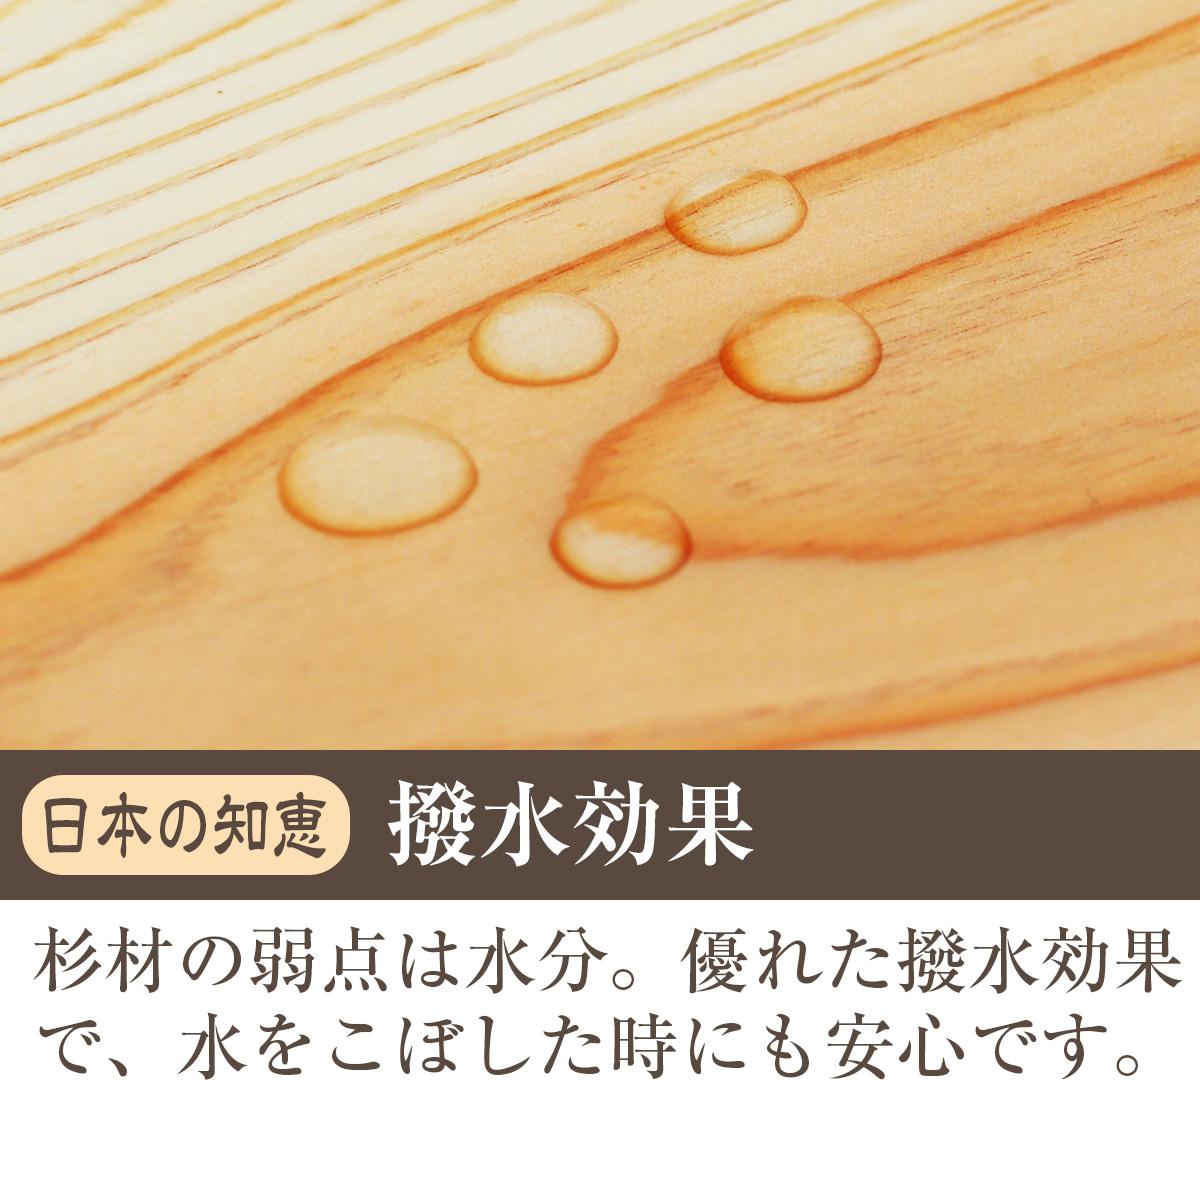 日本の知恵・撥水効果 杉材の弱点は水分。優れた撥水効果で、水をこぼした時にも安心です